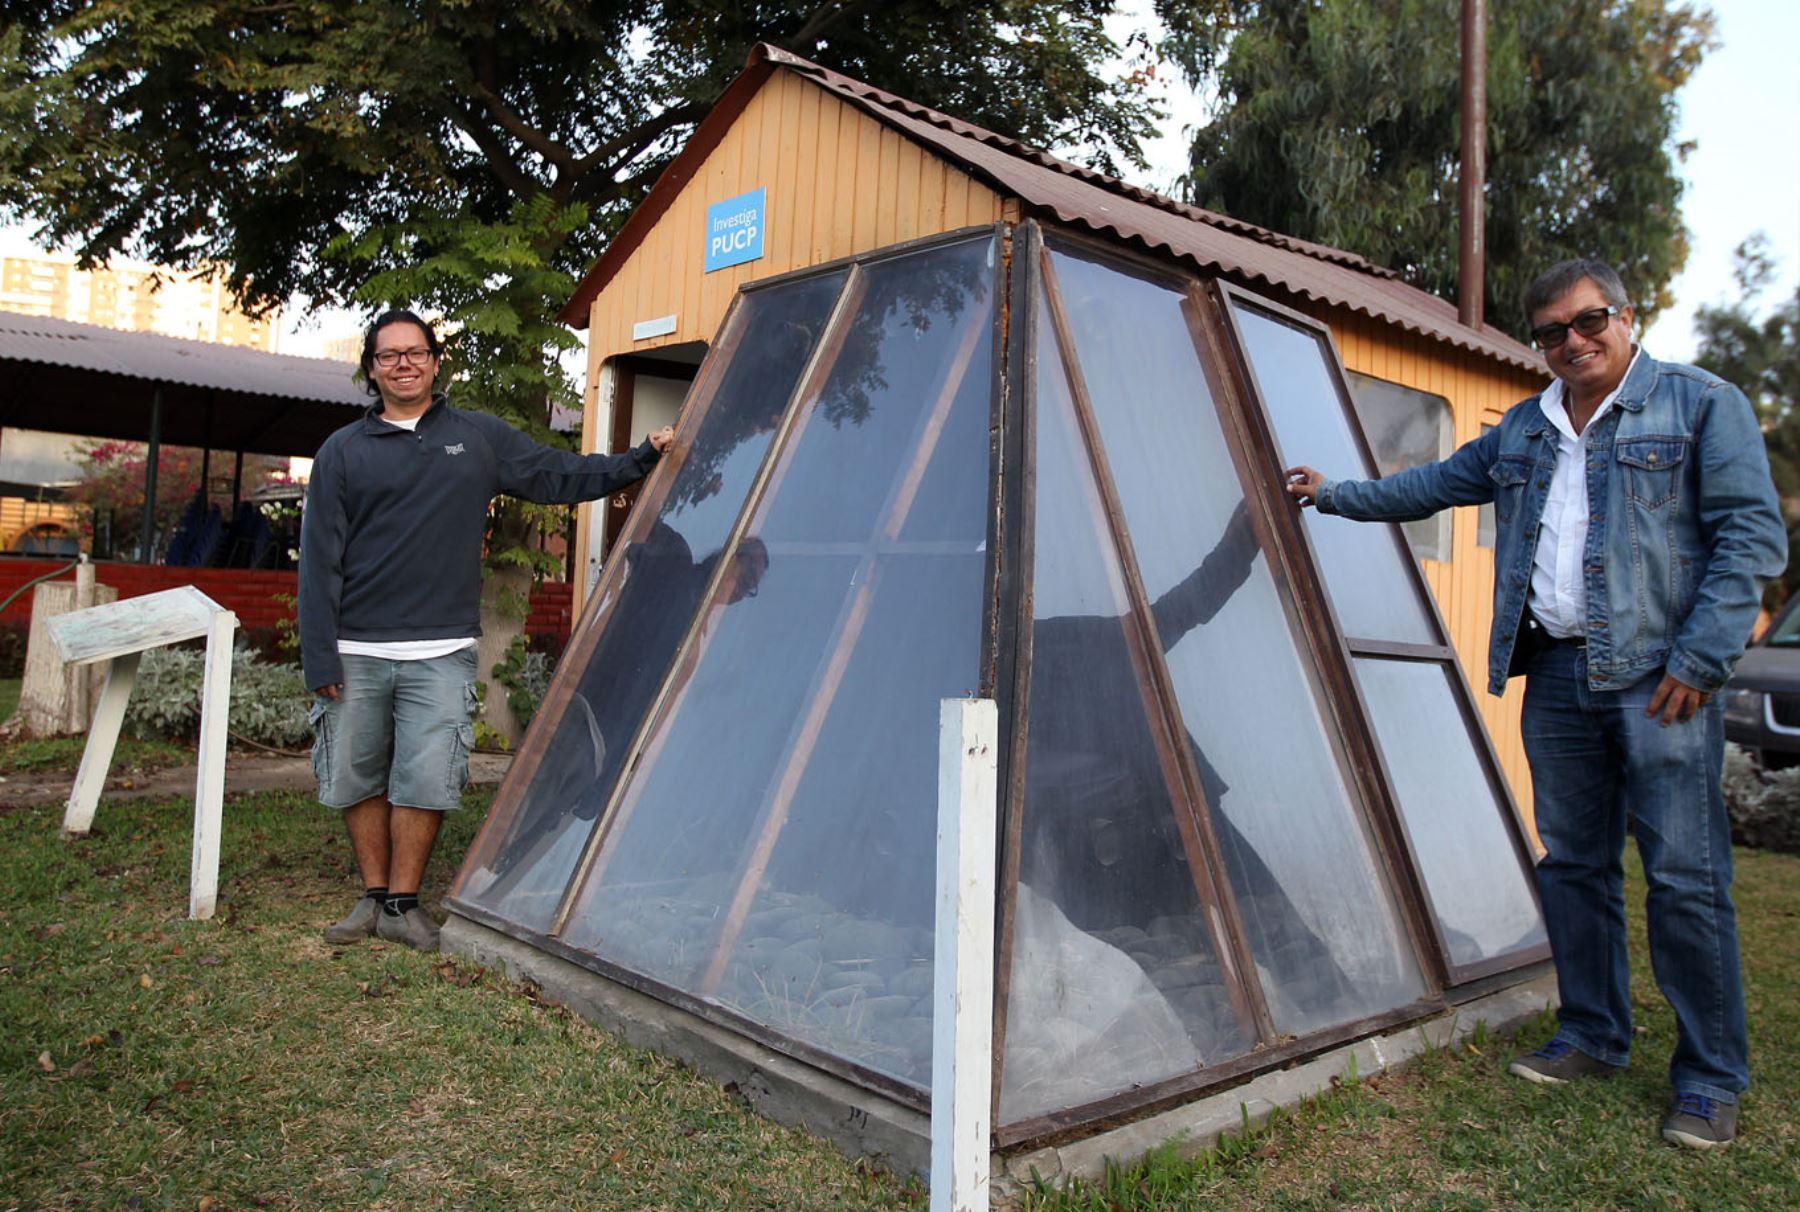 Investigadores de la PUCP crean prototipo de vivienda rural con muro trombe para que familias afectadas por las heladas. iANDINA/Héctor Vinces